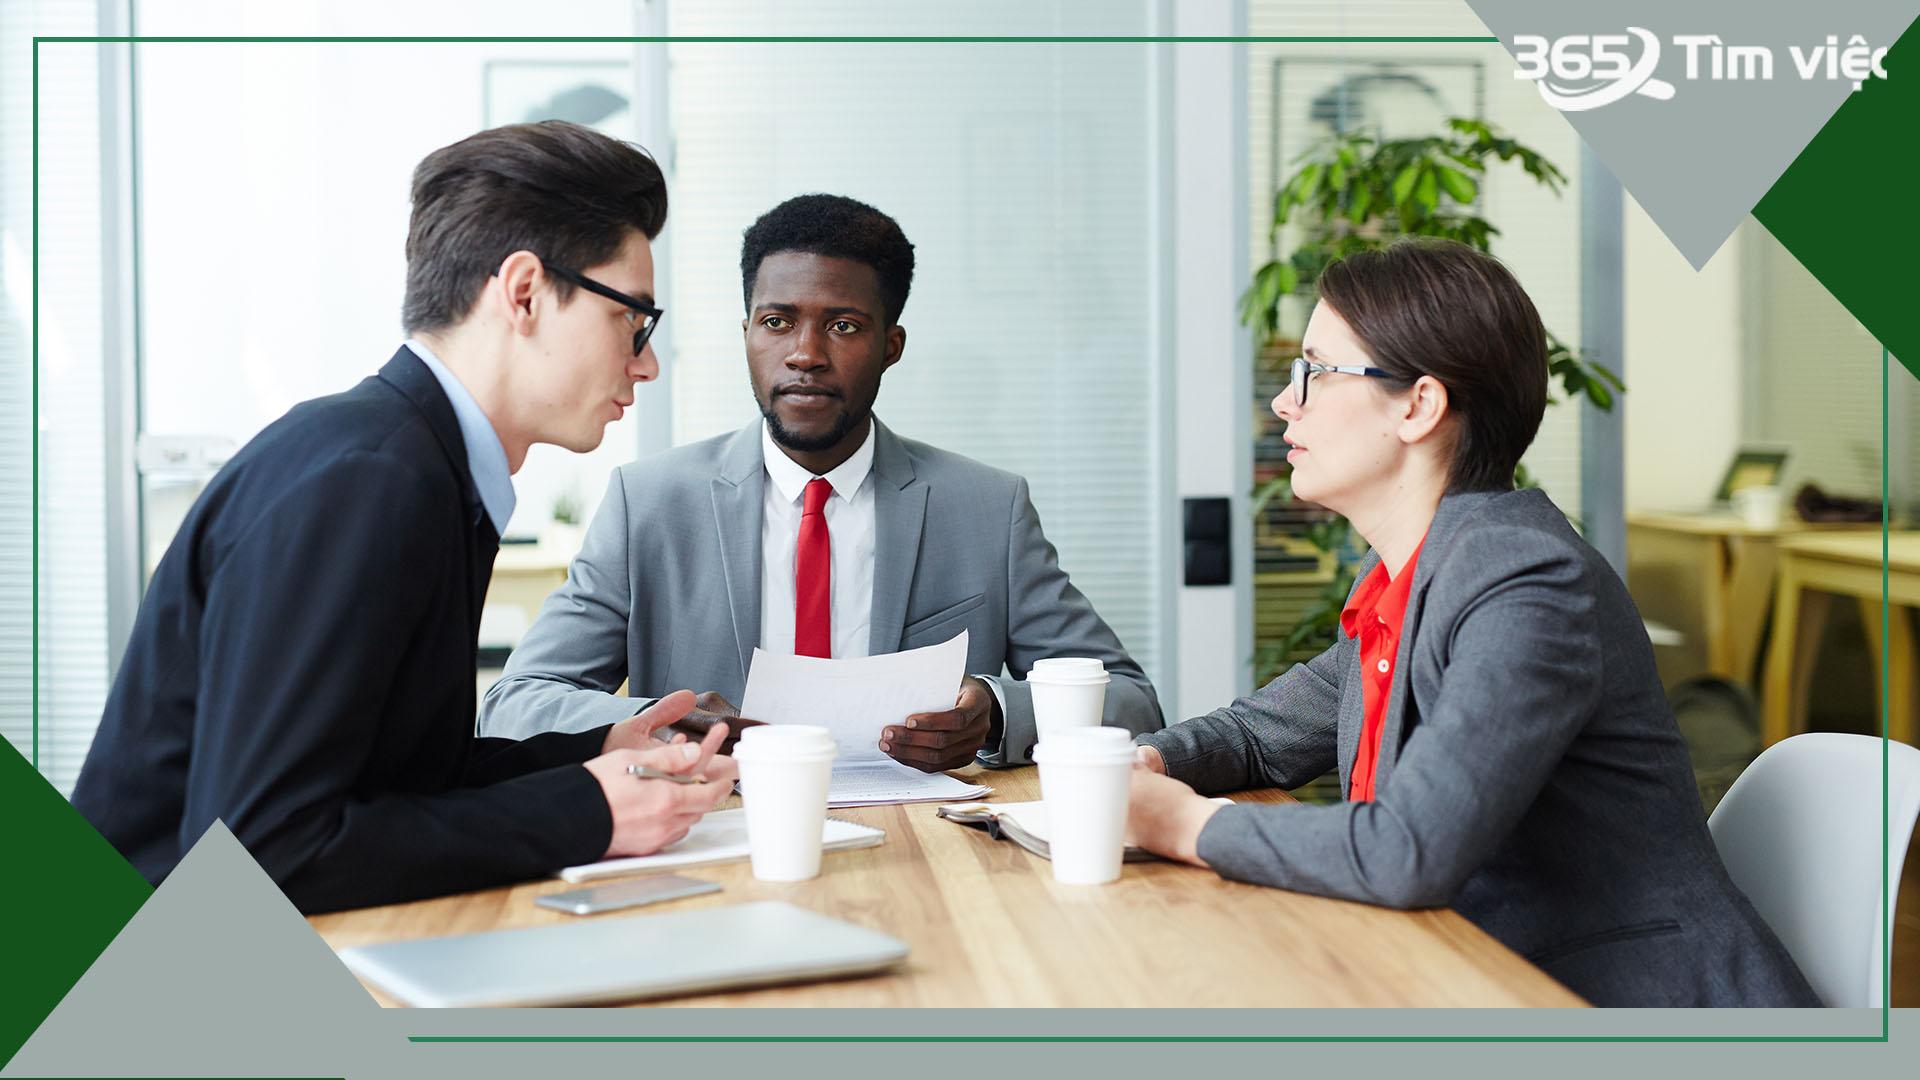 TOP 6 câu hỏi phỏng vấn nhân viên thu mua sử dụng mọi thời đại